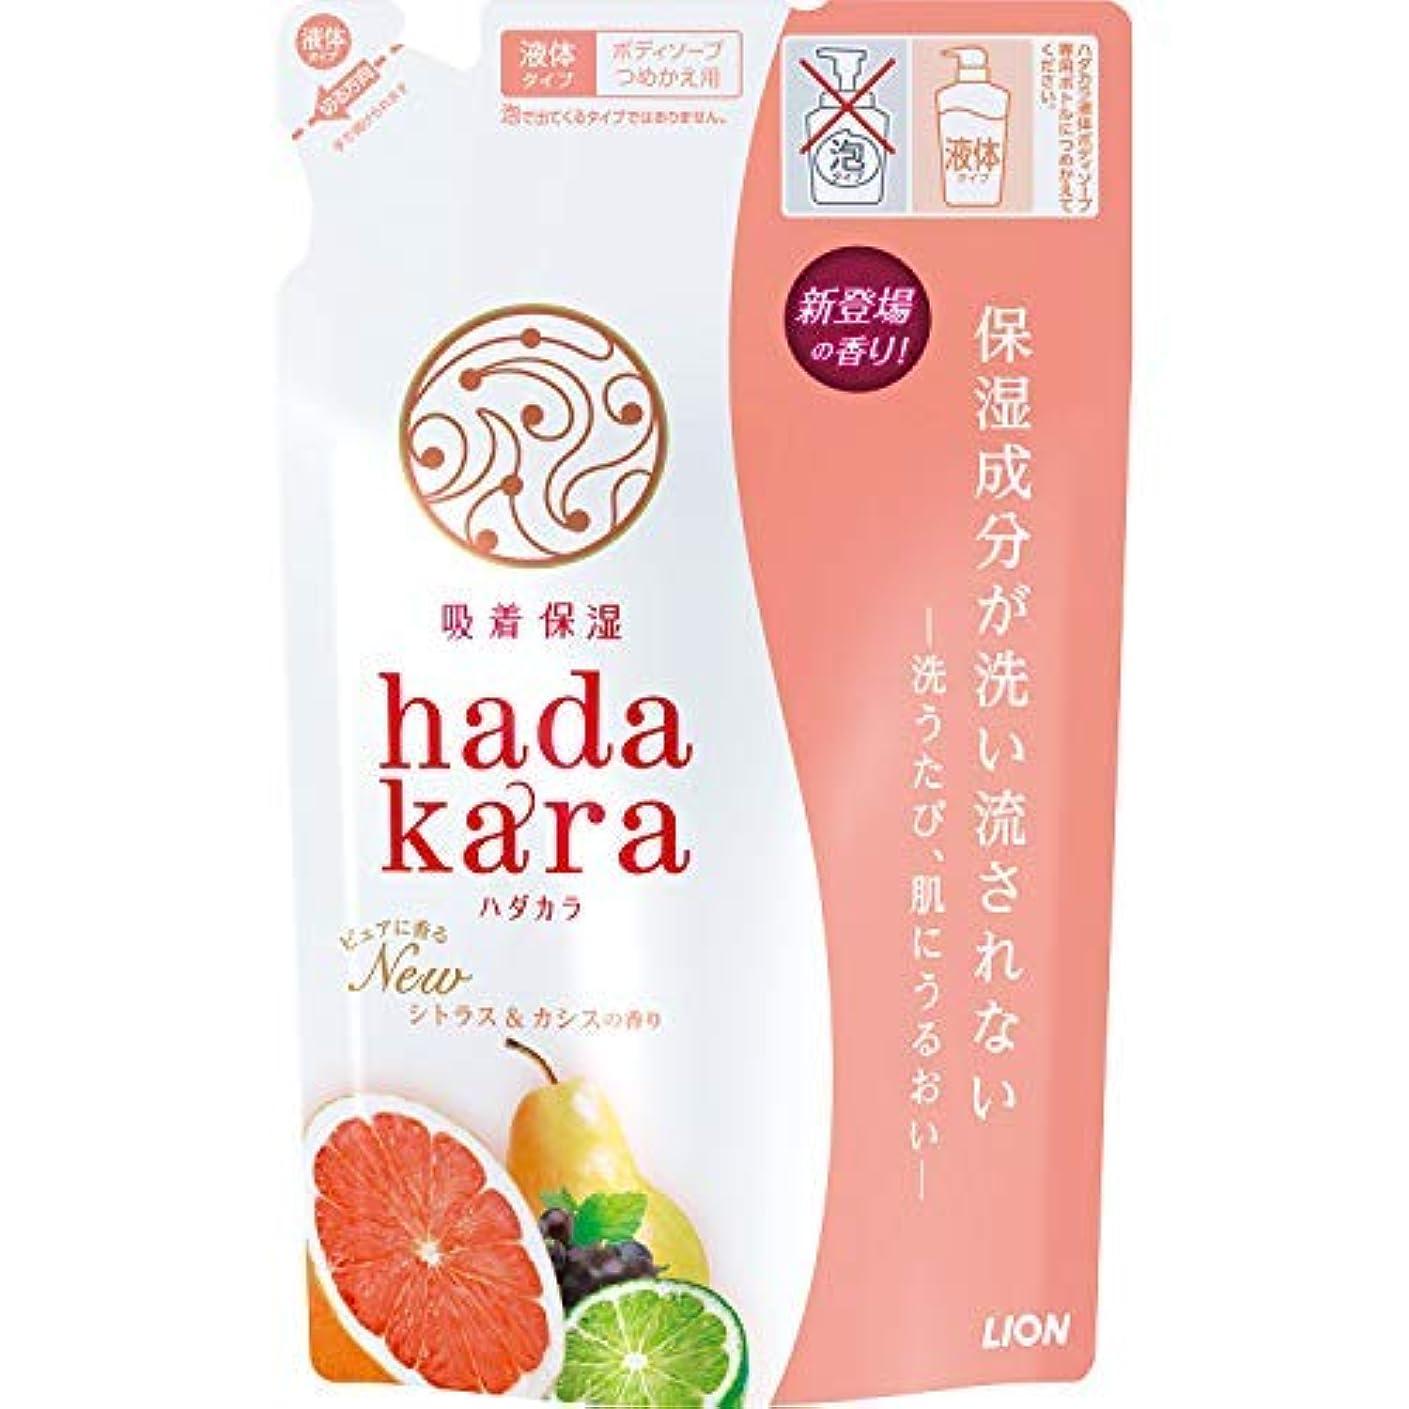 債務者ビルマ騒乱hadakara(ハダカラ)ボディソープ シトラス&カシスの香り 詰替え用 360ml × 8個セット